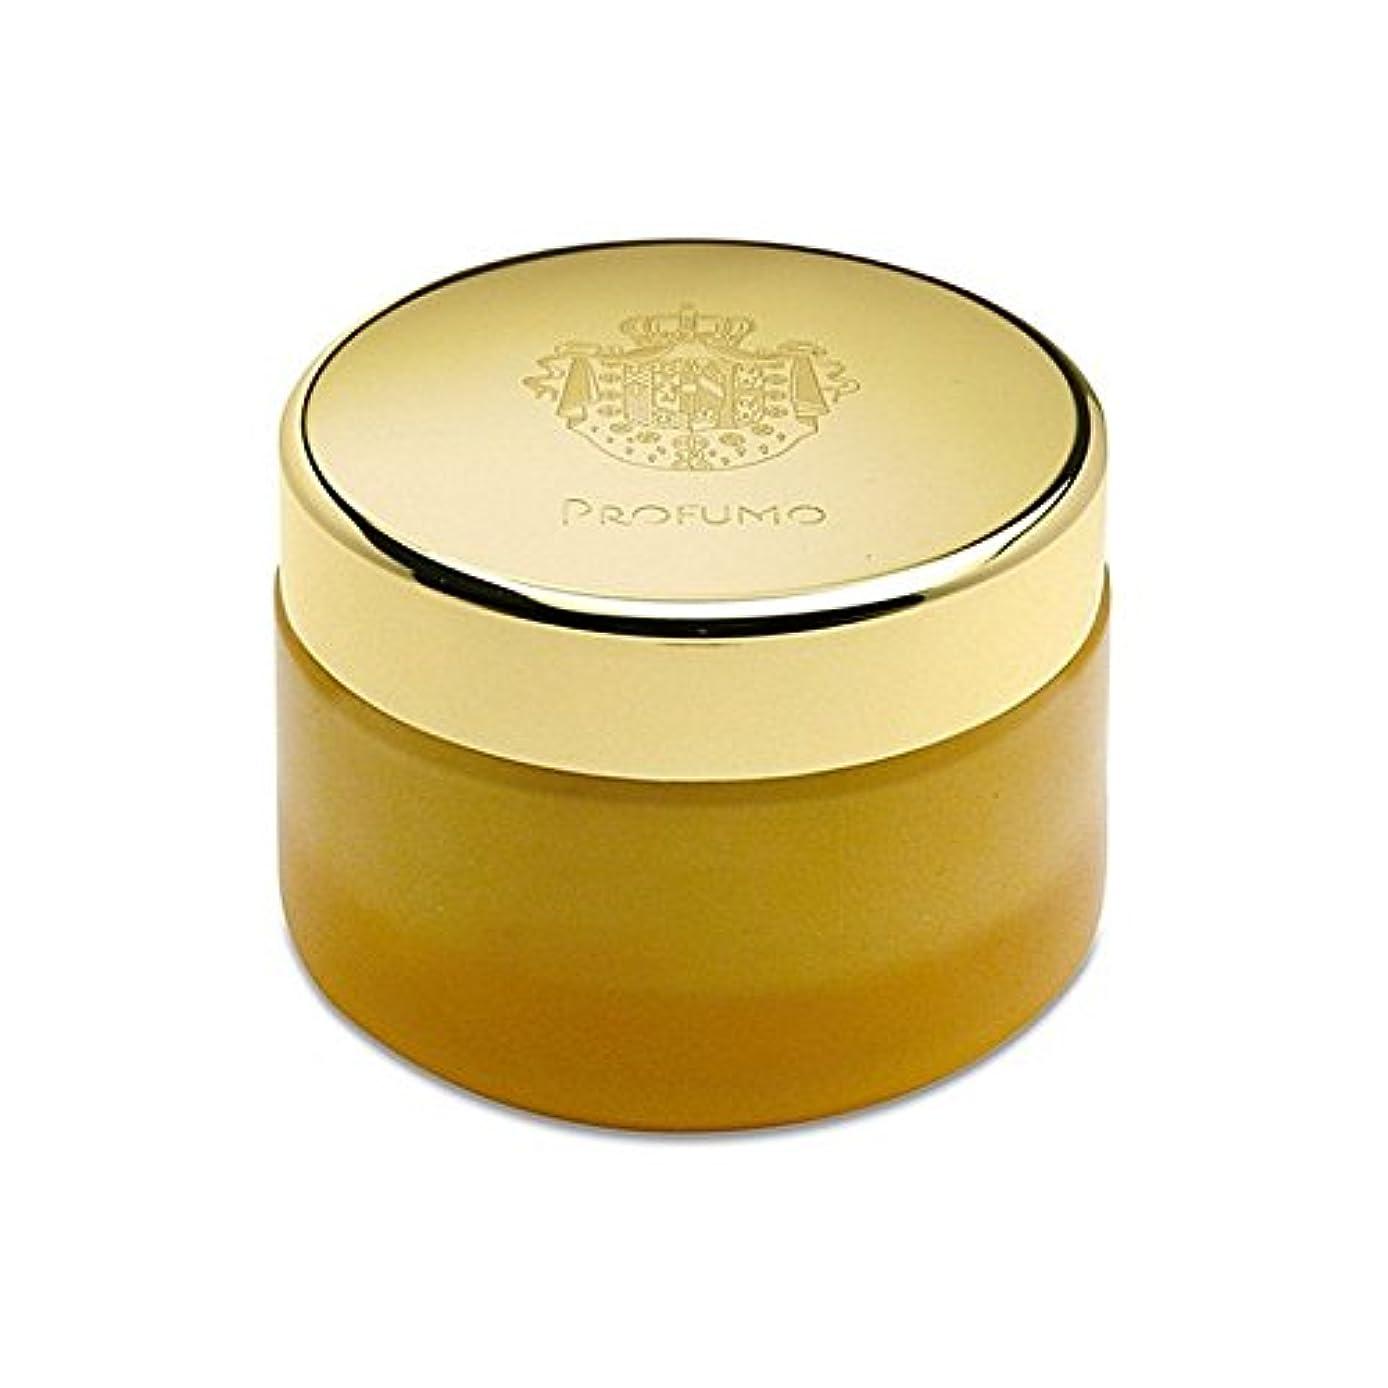 アクアディパルマボディクリーム200ミリリットル x4 - Acqua Di Parma Profumo Body Cream 200ml (Pack of 4) [並行輸入品]